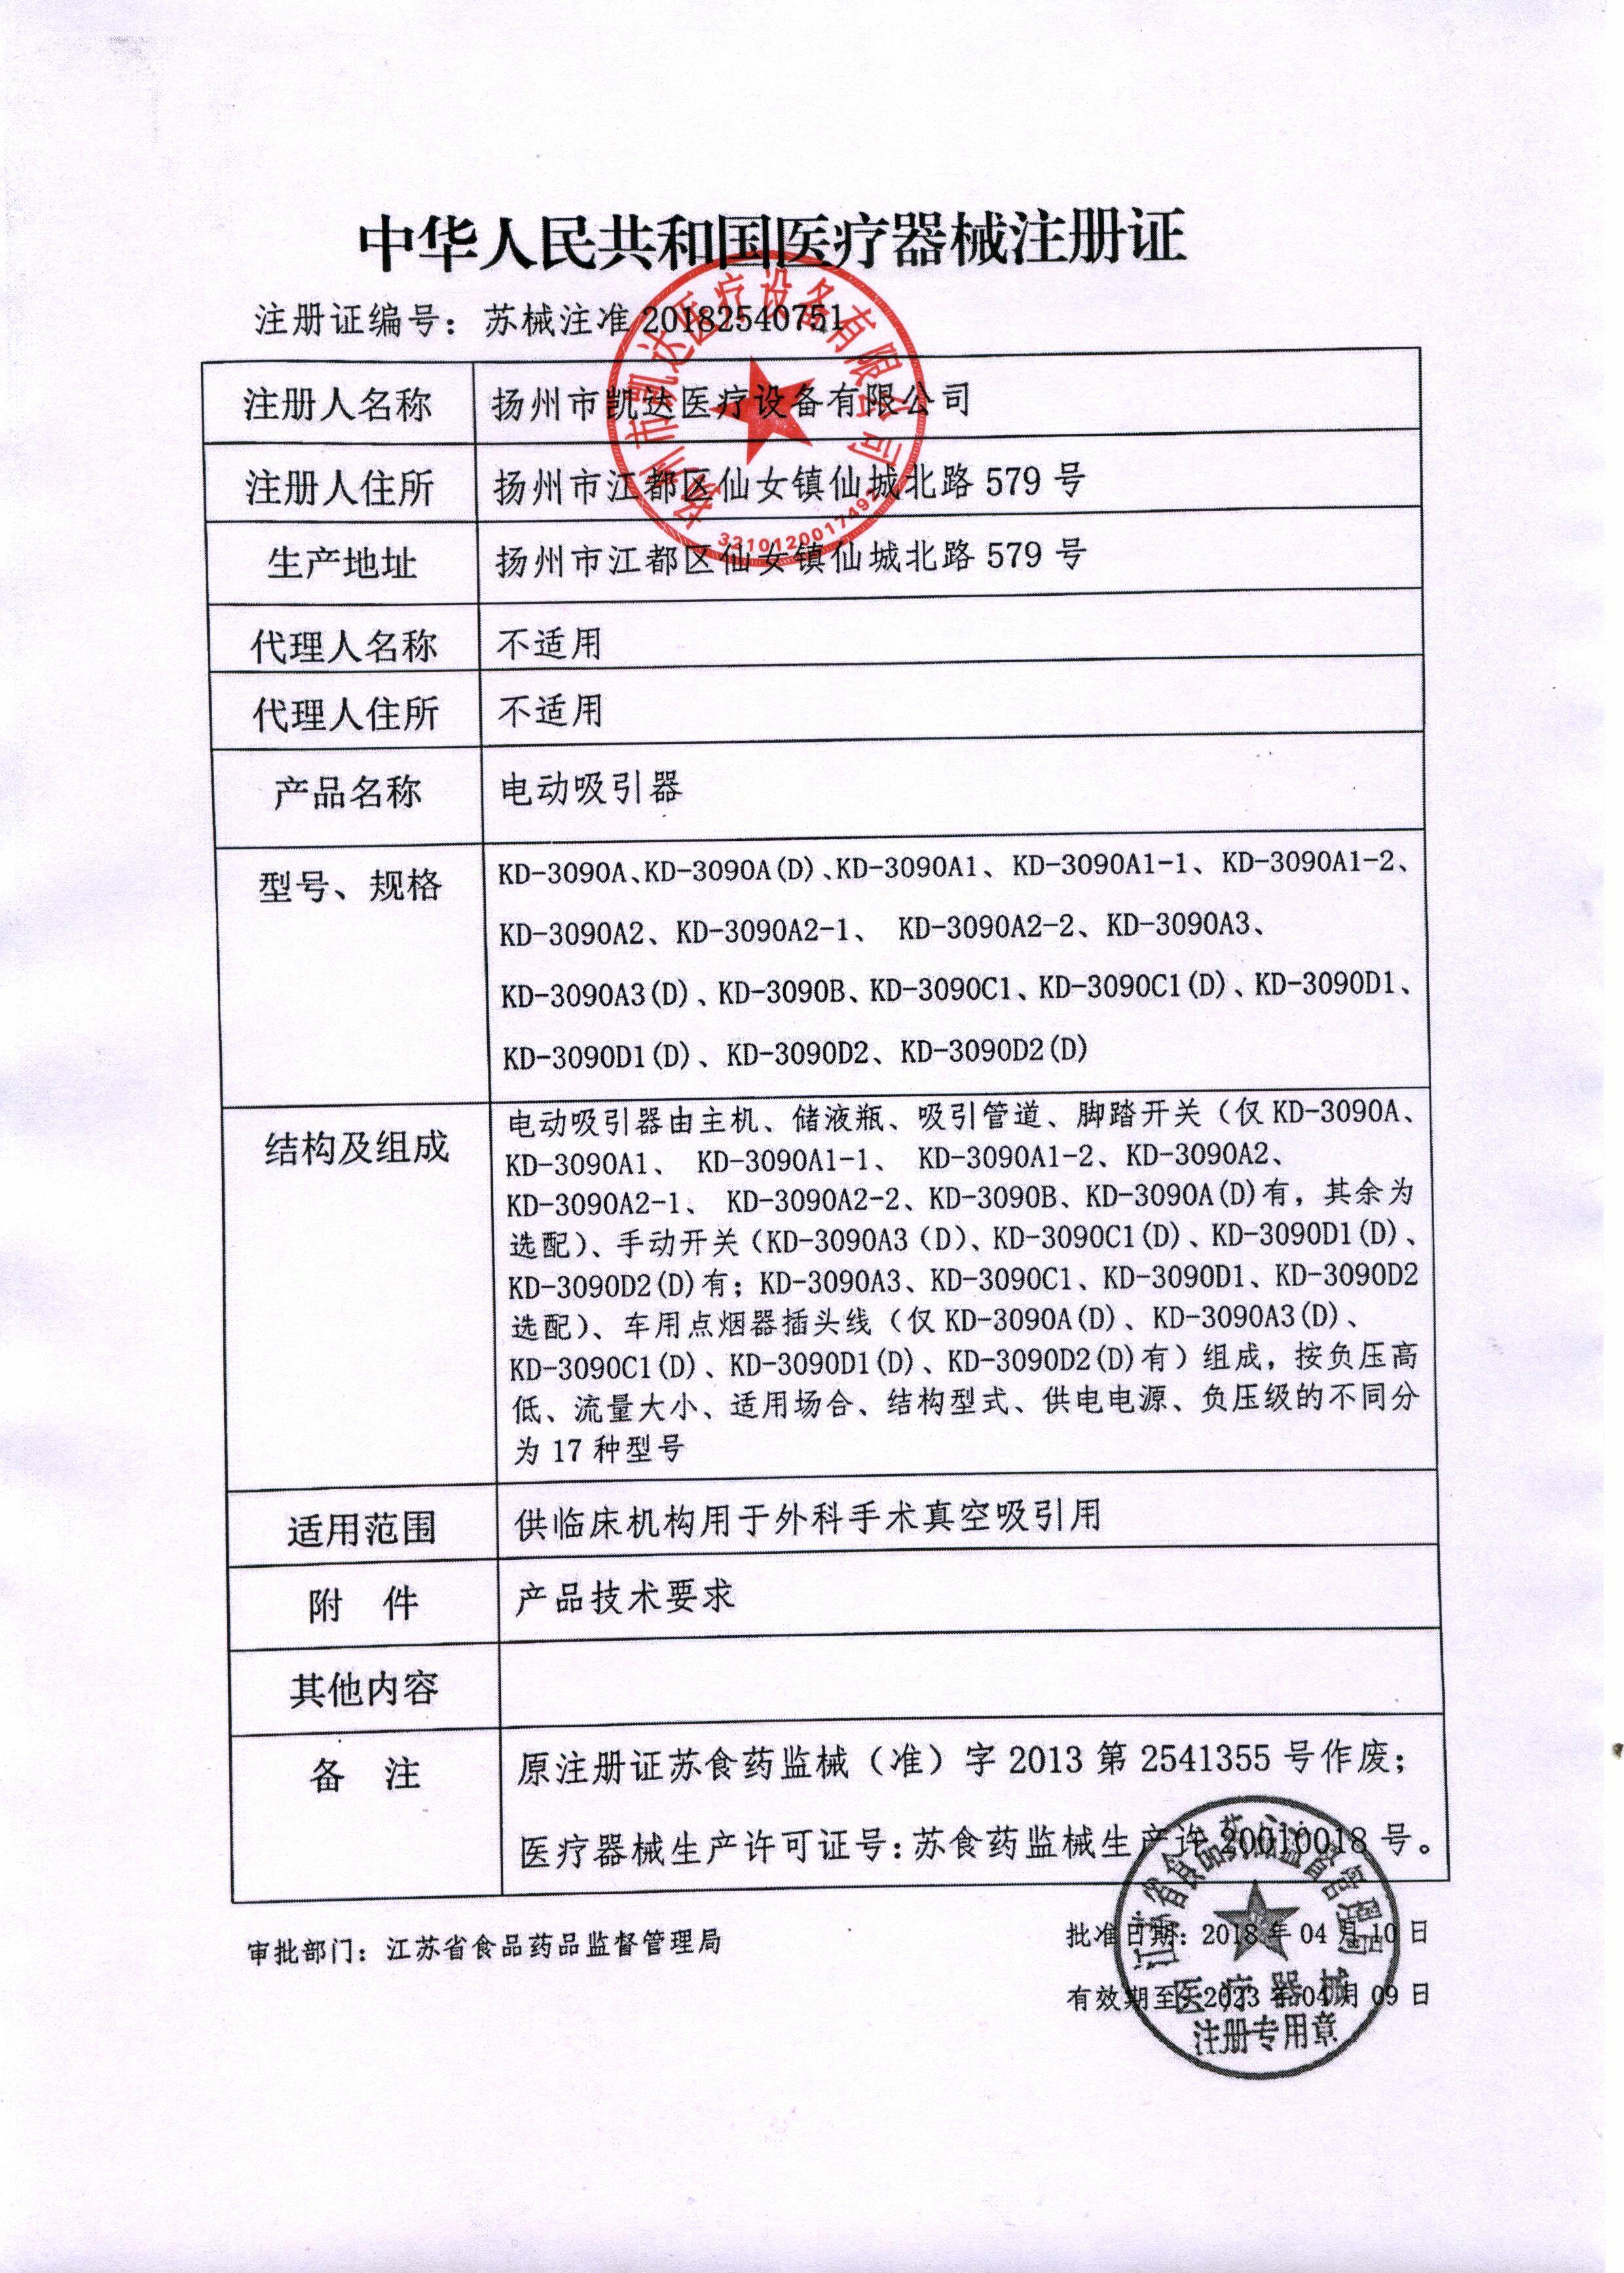 凯达吸引器注册证.jpg